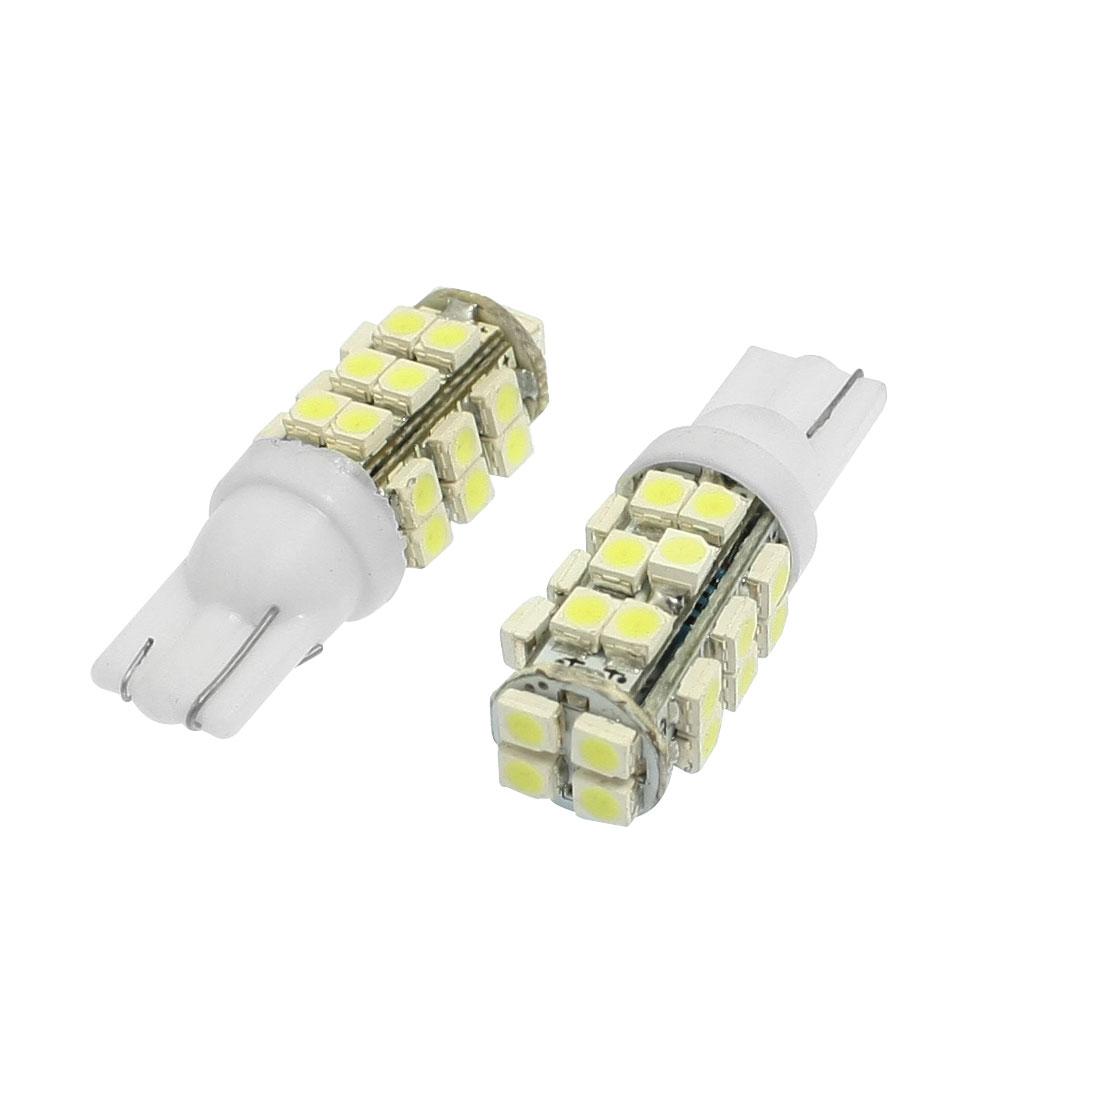 2 Pcs Car White T10 1210 3528 SMD 28-LED Light Bulb Lamp